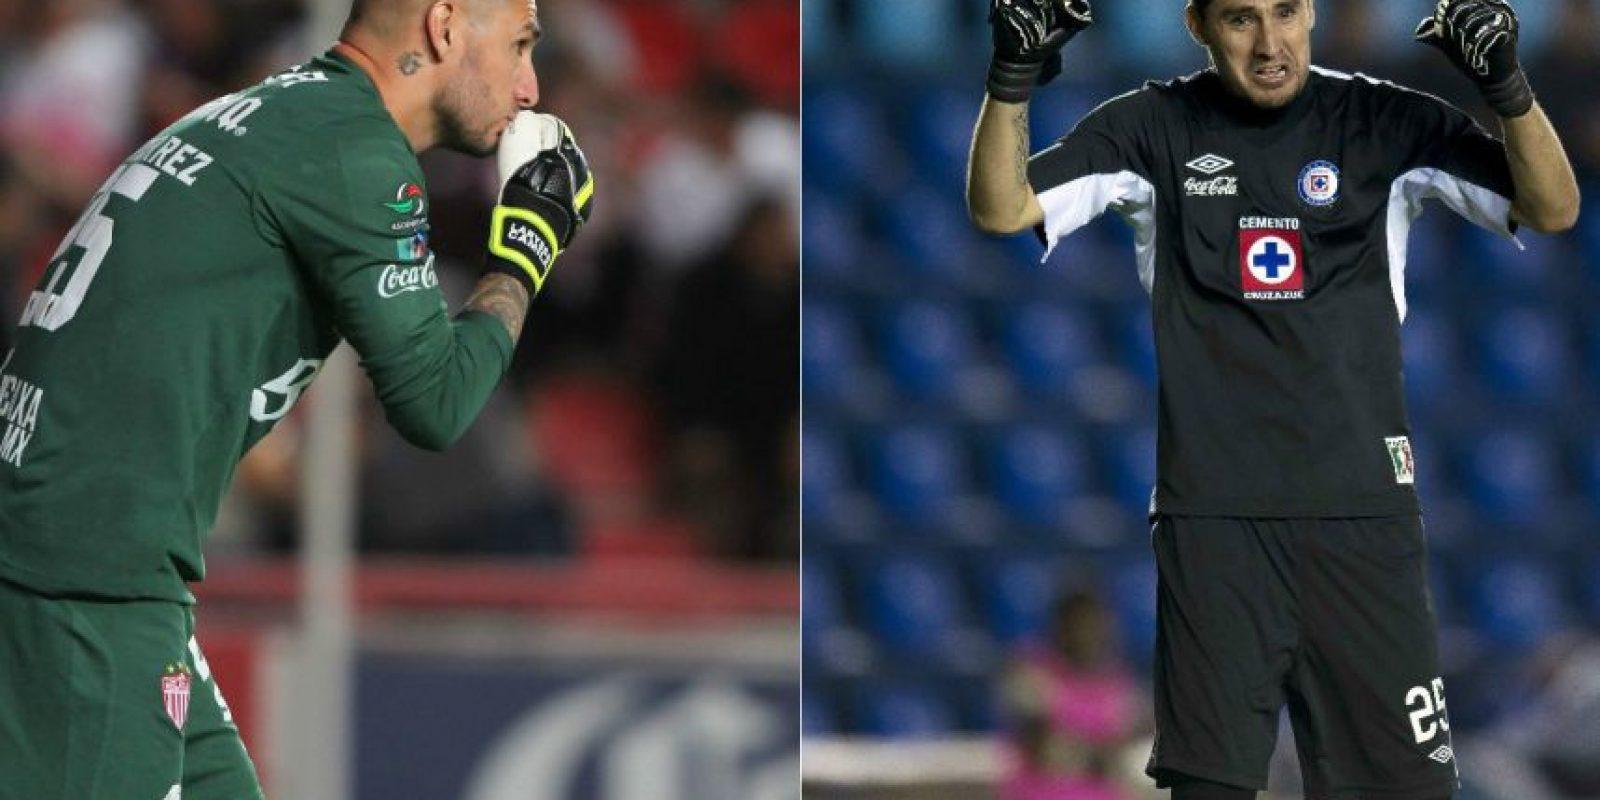 Yosgart Gutiérrez tuvo su oportunidad en Cruz Azul pero fue muy intermitente, incluso fue titular en aquella final que perdió La Máquina ante Toluca en 2009. Ahora es meta del Necaxa. Foto:Mexsport